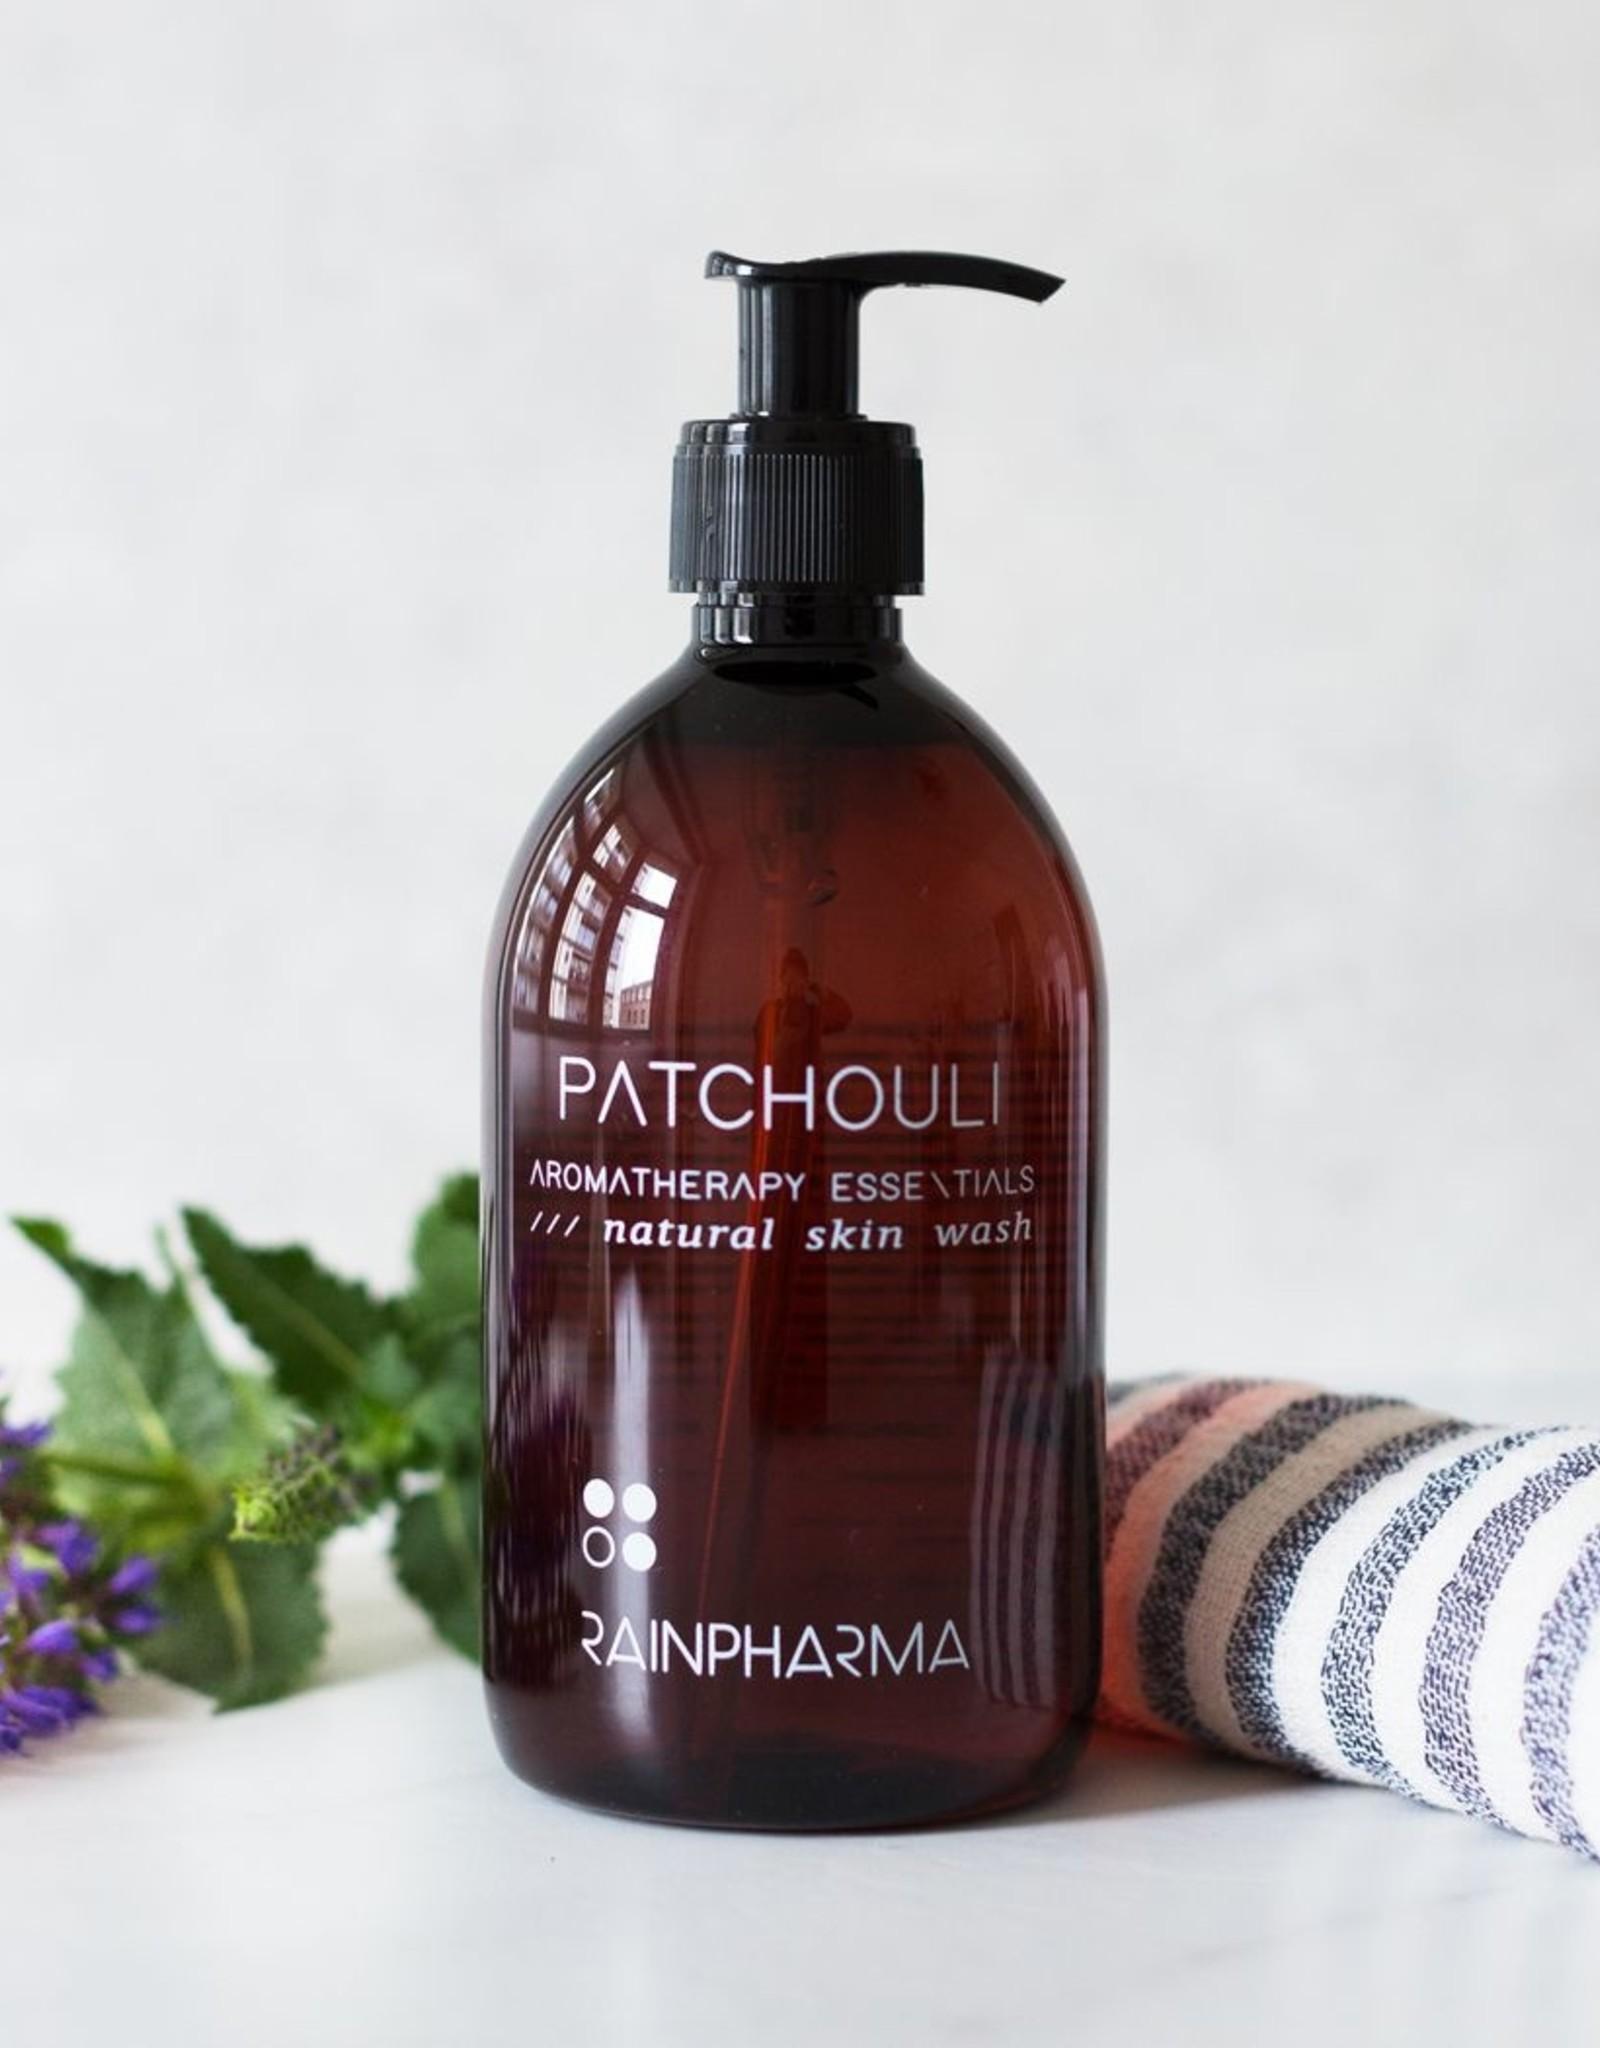 RainPharma Rainpharma - Skin Wash Patchouli 500ml